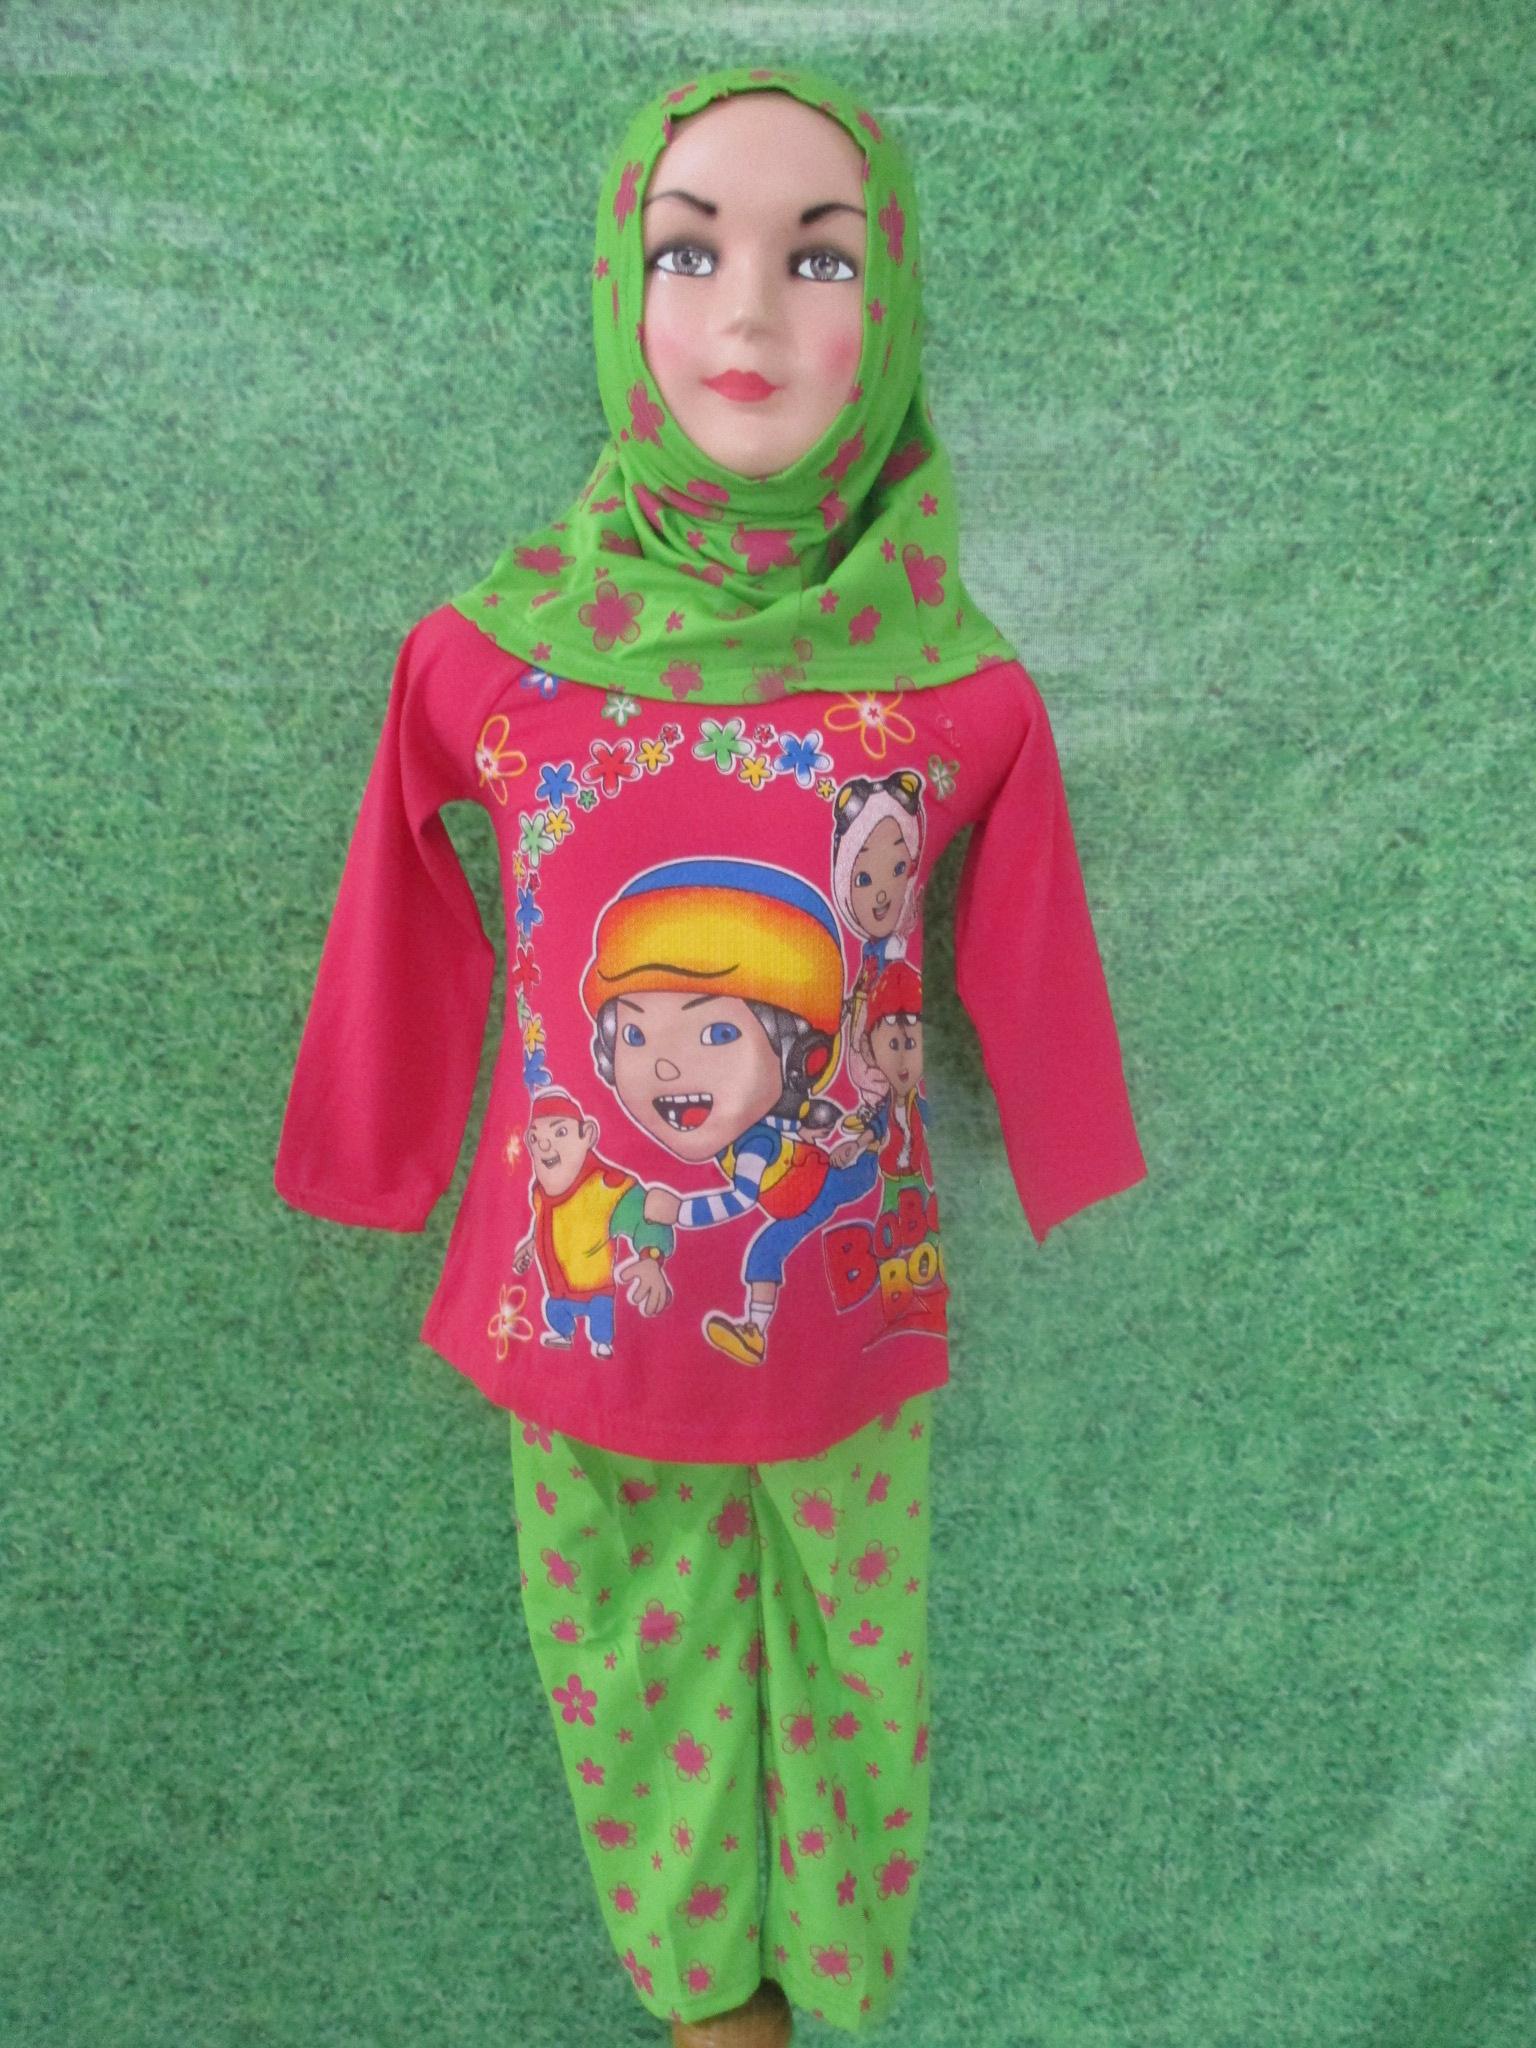 ObralanBaju.com Obral Baju Pakaian Murah Meriah 5000 Set Muslim Cewek